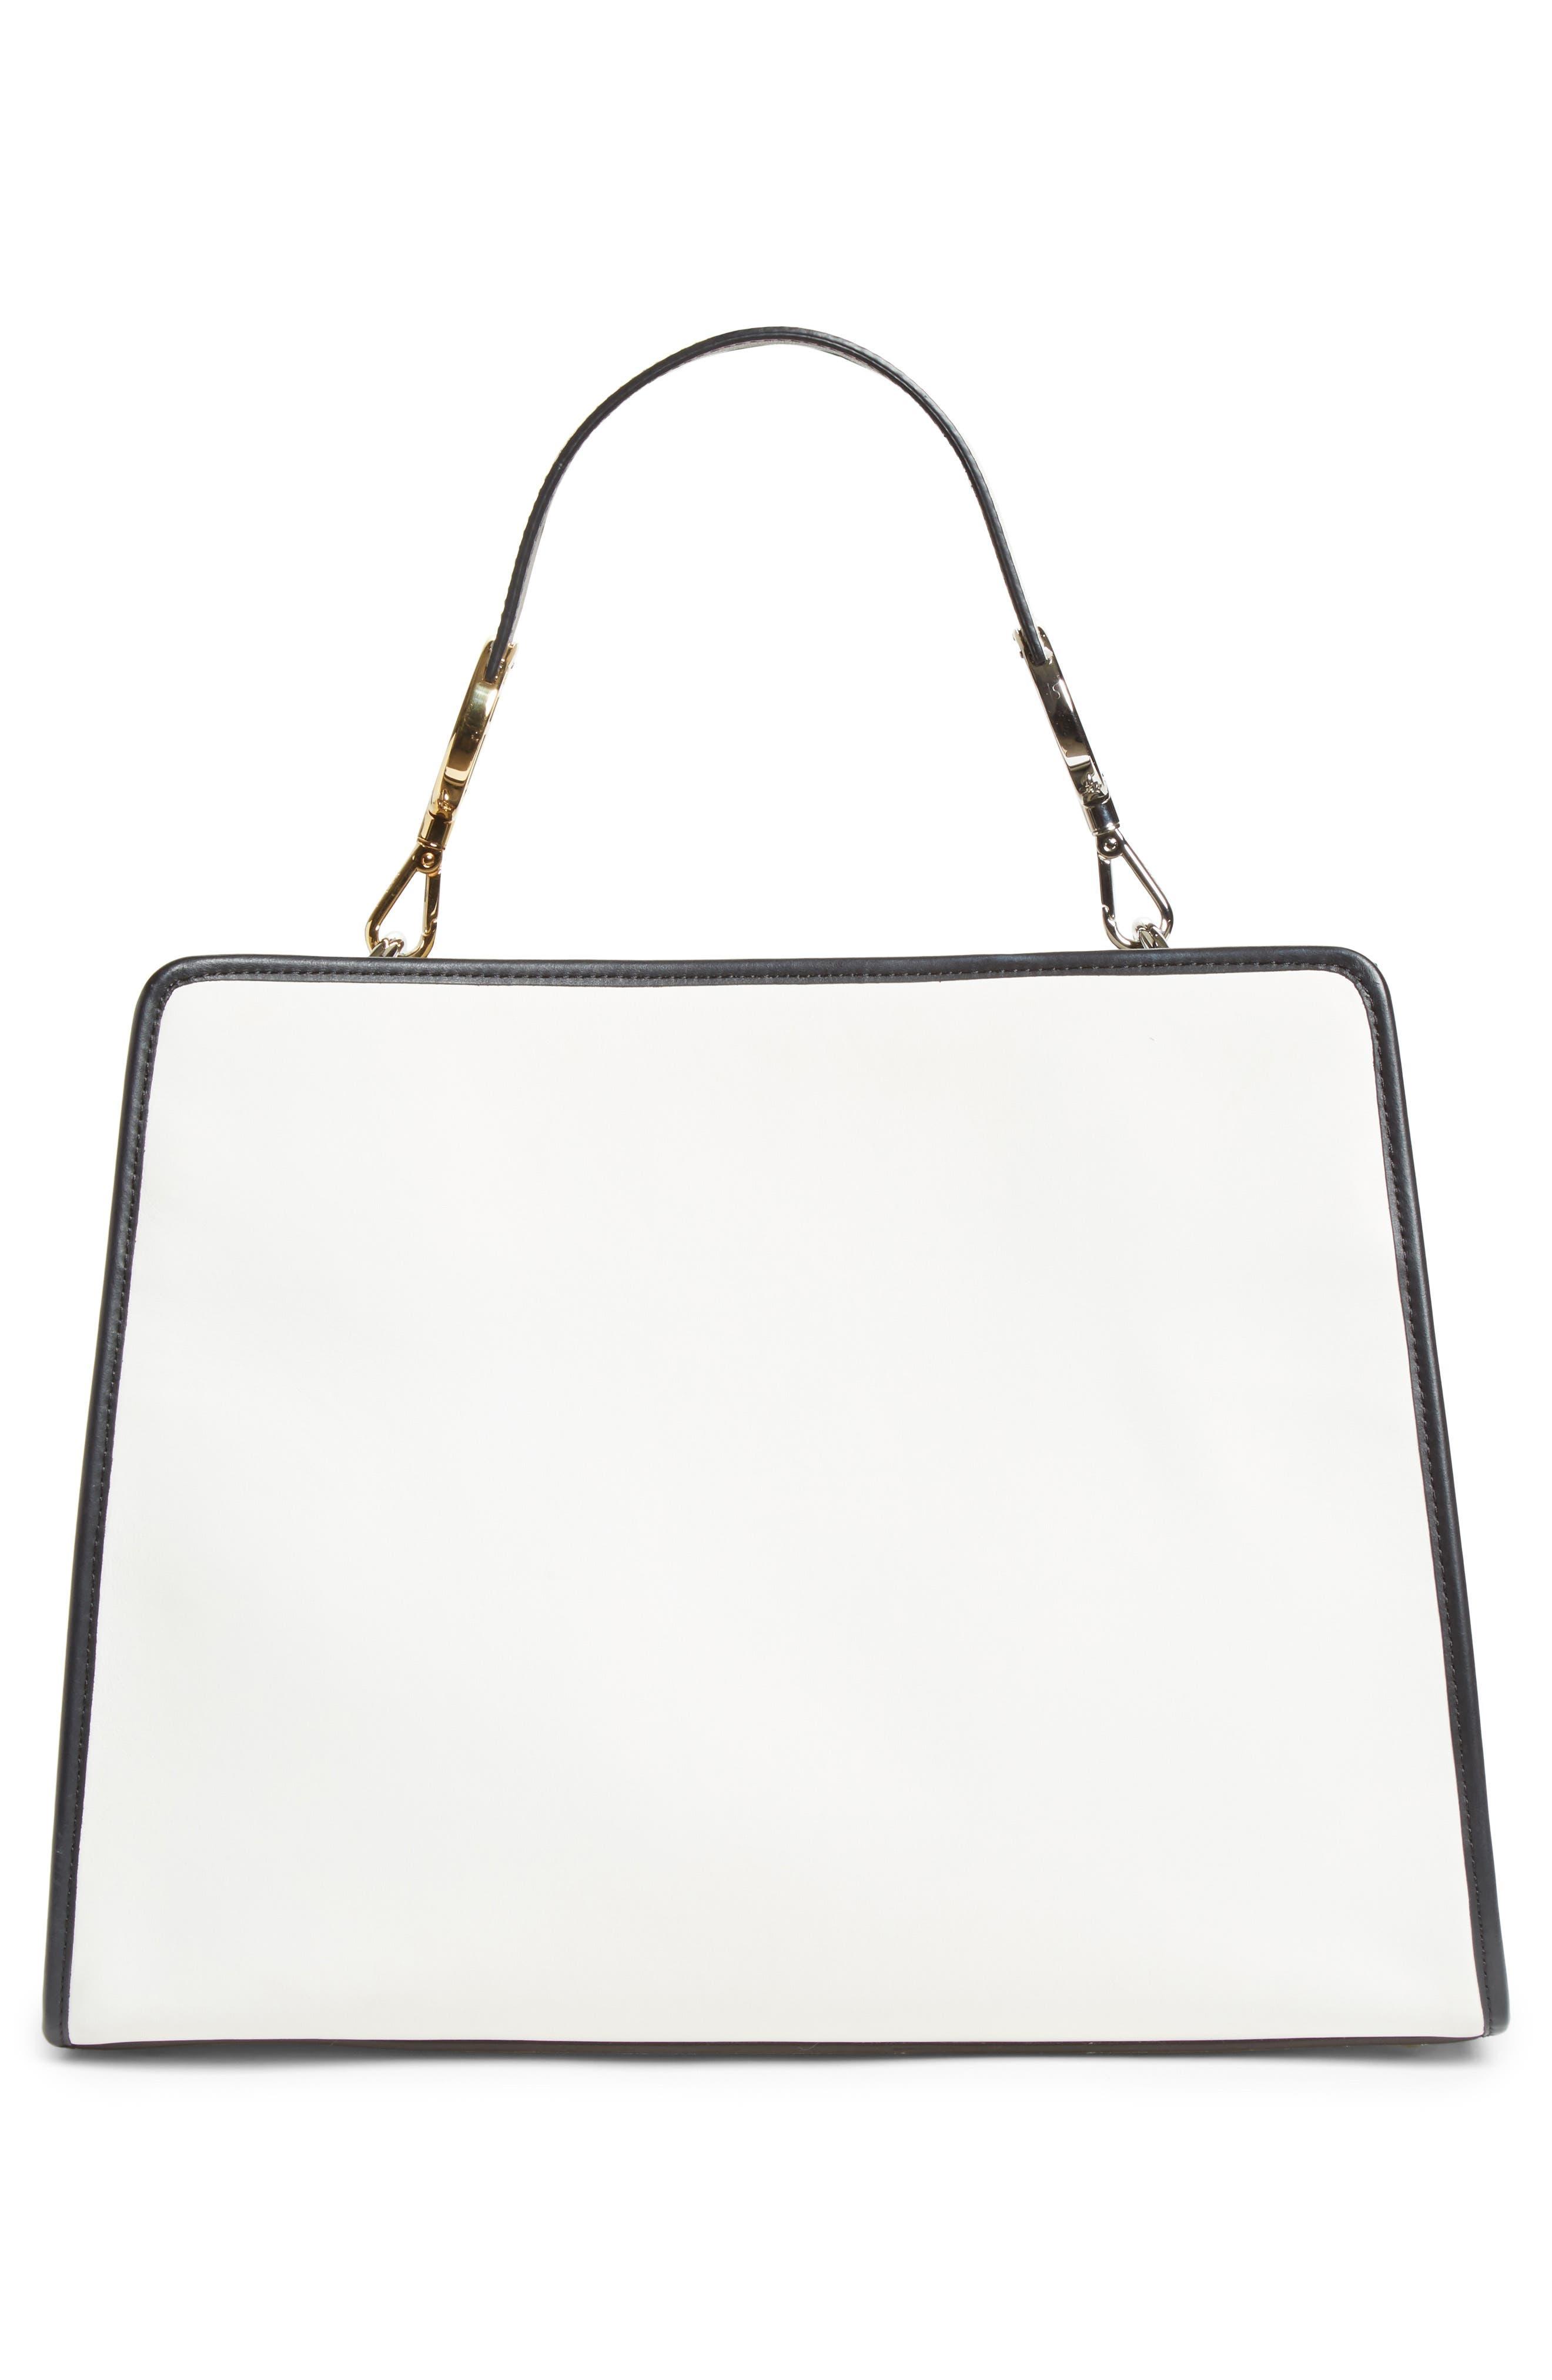 Runaway Medium Leather Tote Bag,                             Alternate thumbnail 3, color,